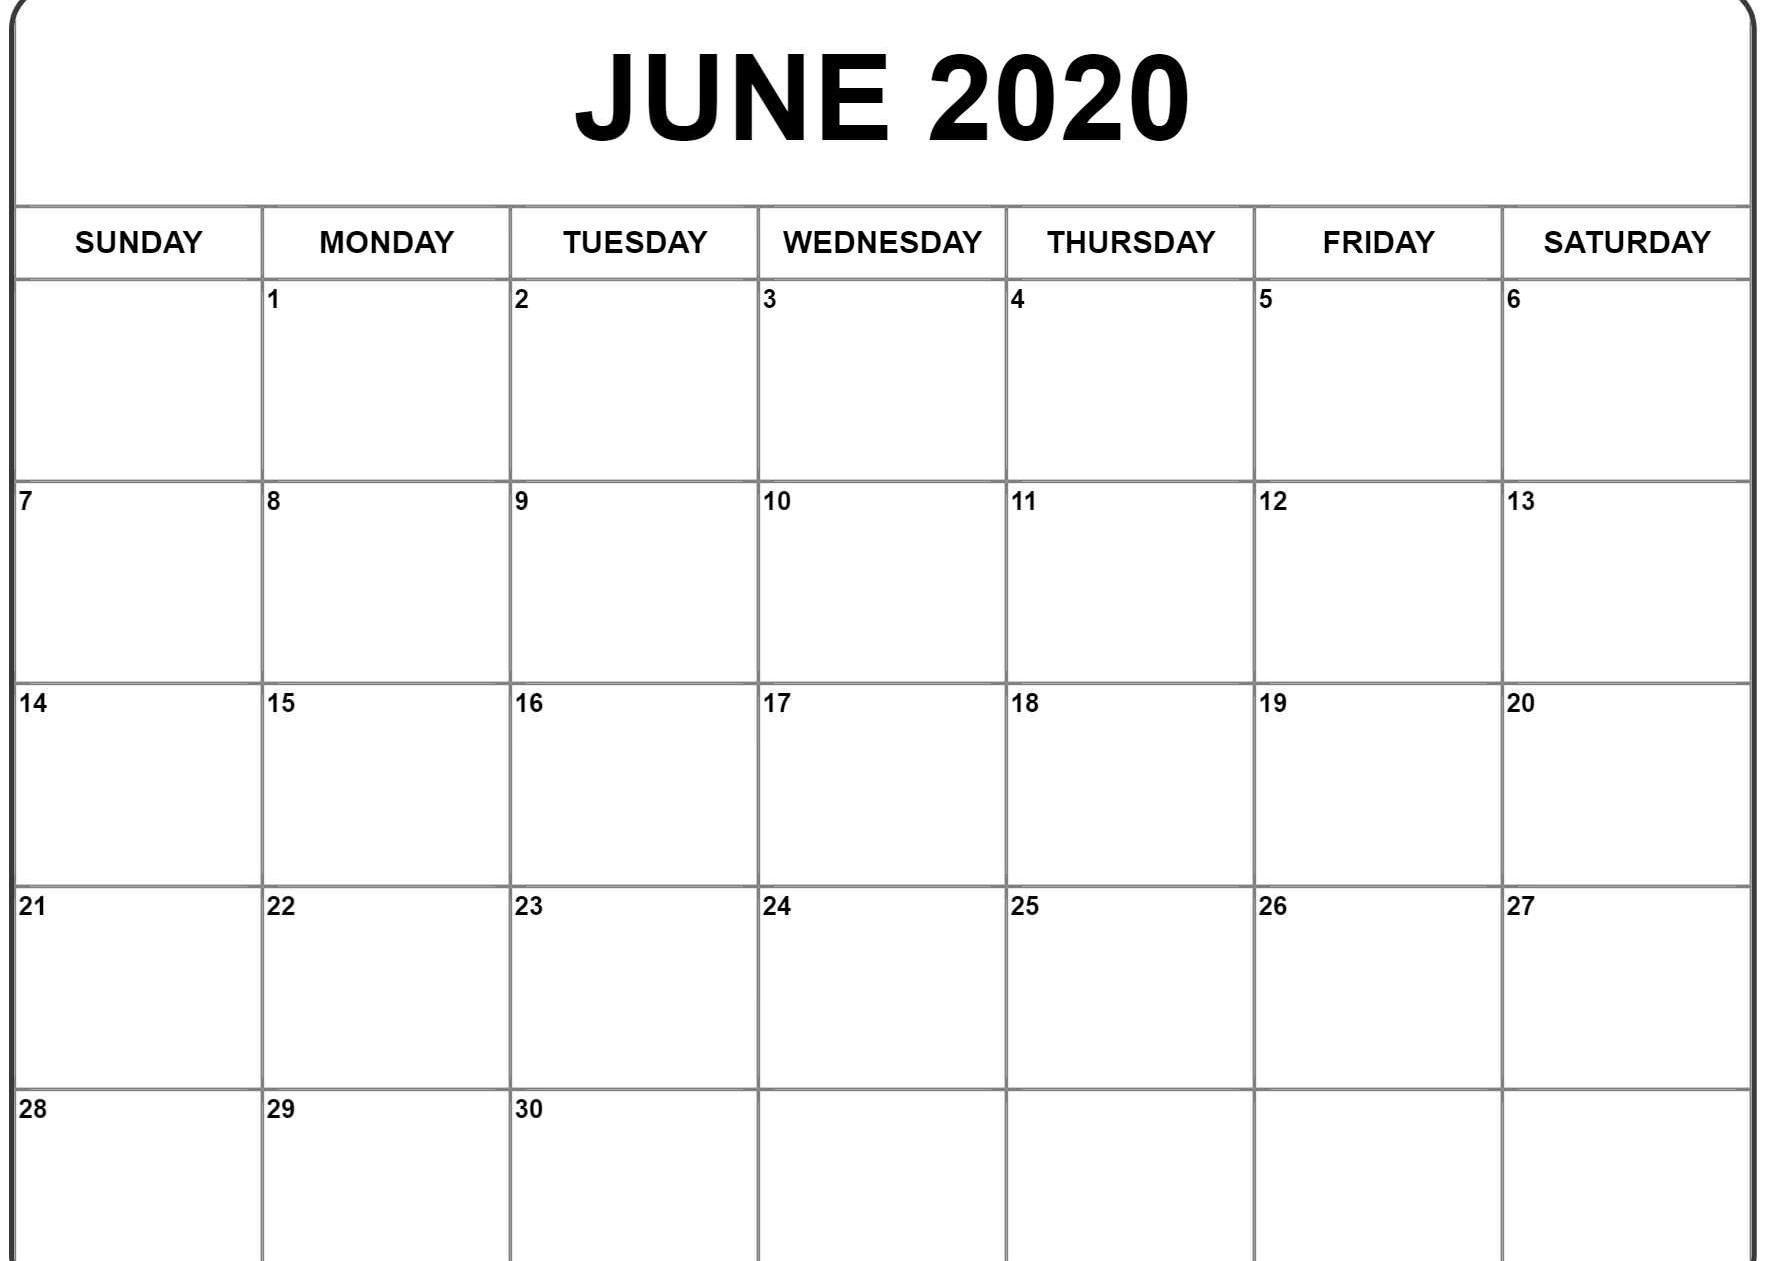 June 2020 Excel Calendar - Wpa.wpart.co